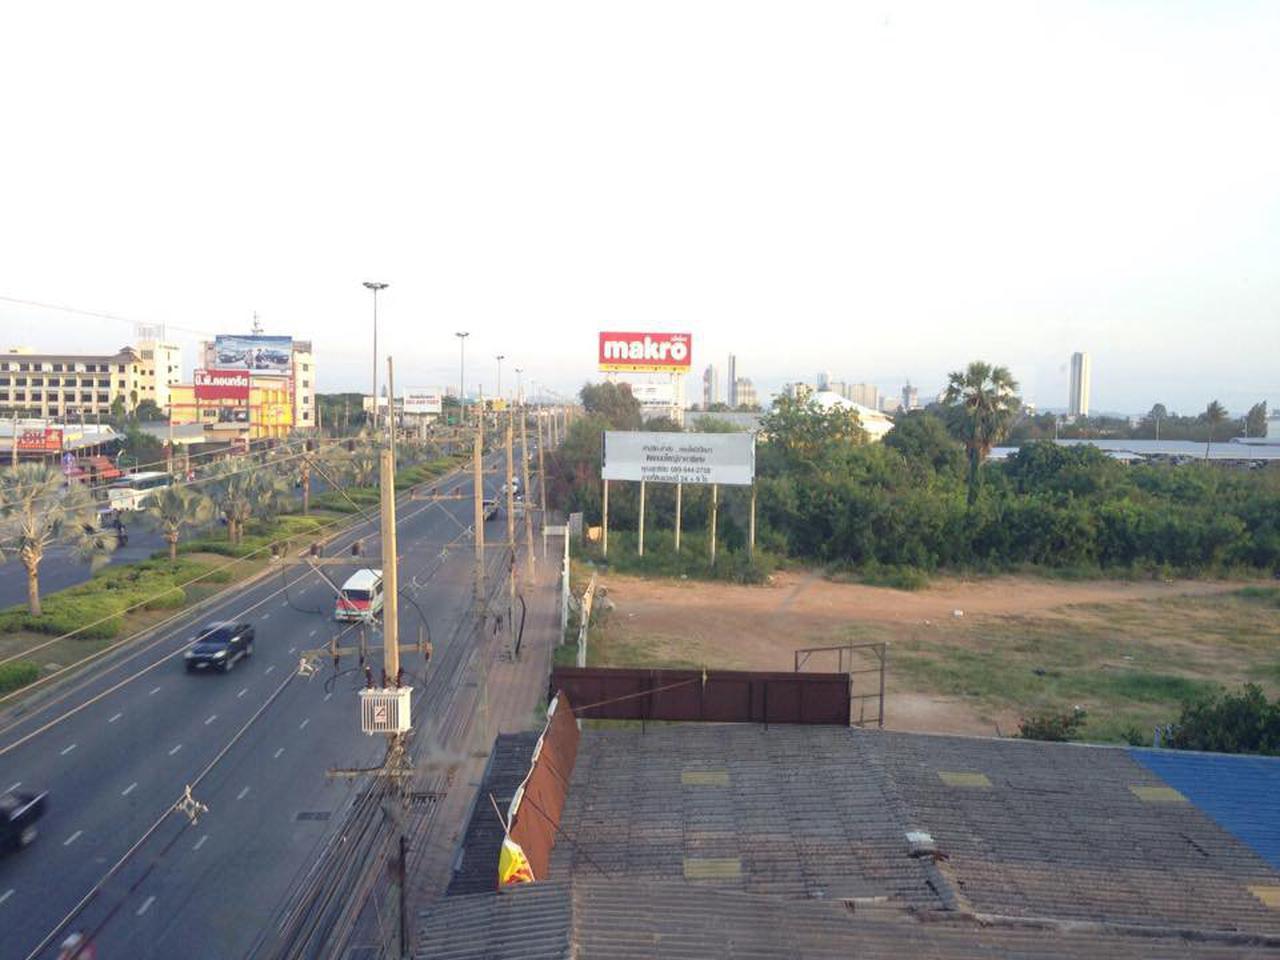 ขายอาคารติดถนนสุขุมวิท 56 พัทยาใต้ ระหว่างแมคโคร และ โลตัส รูปที่ 2